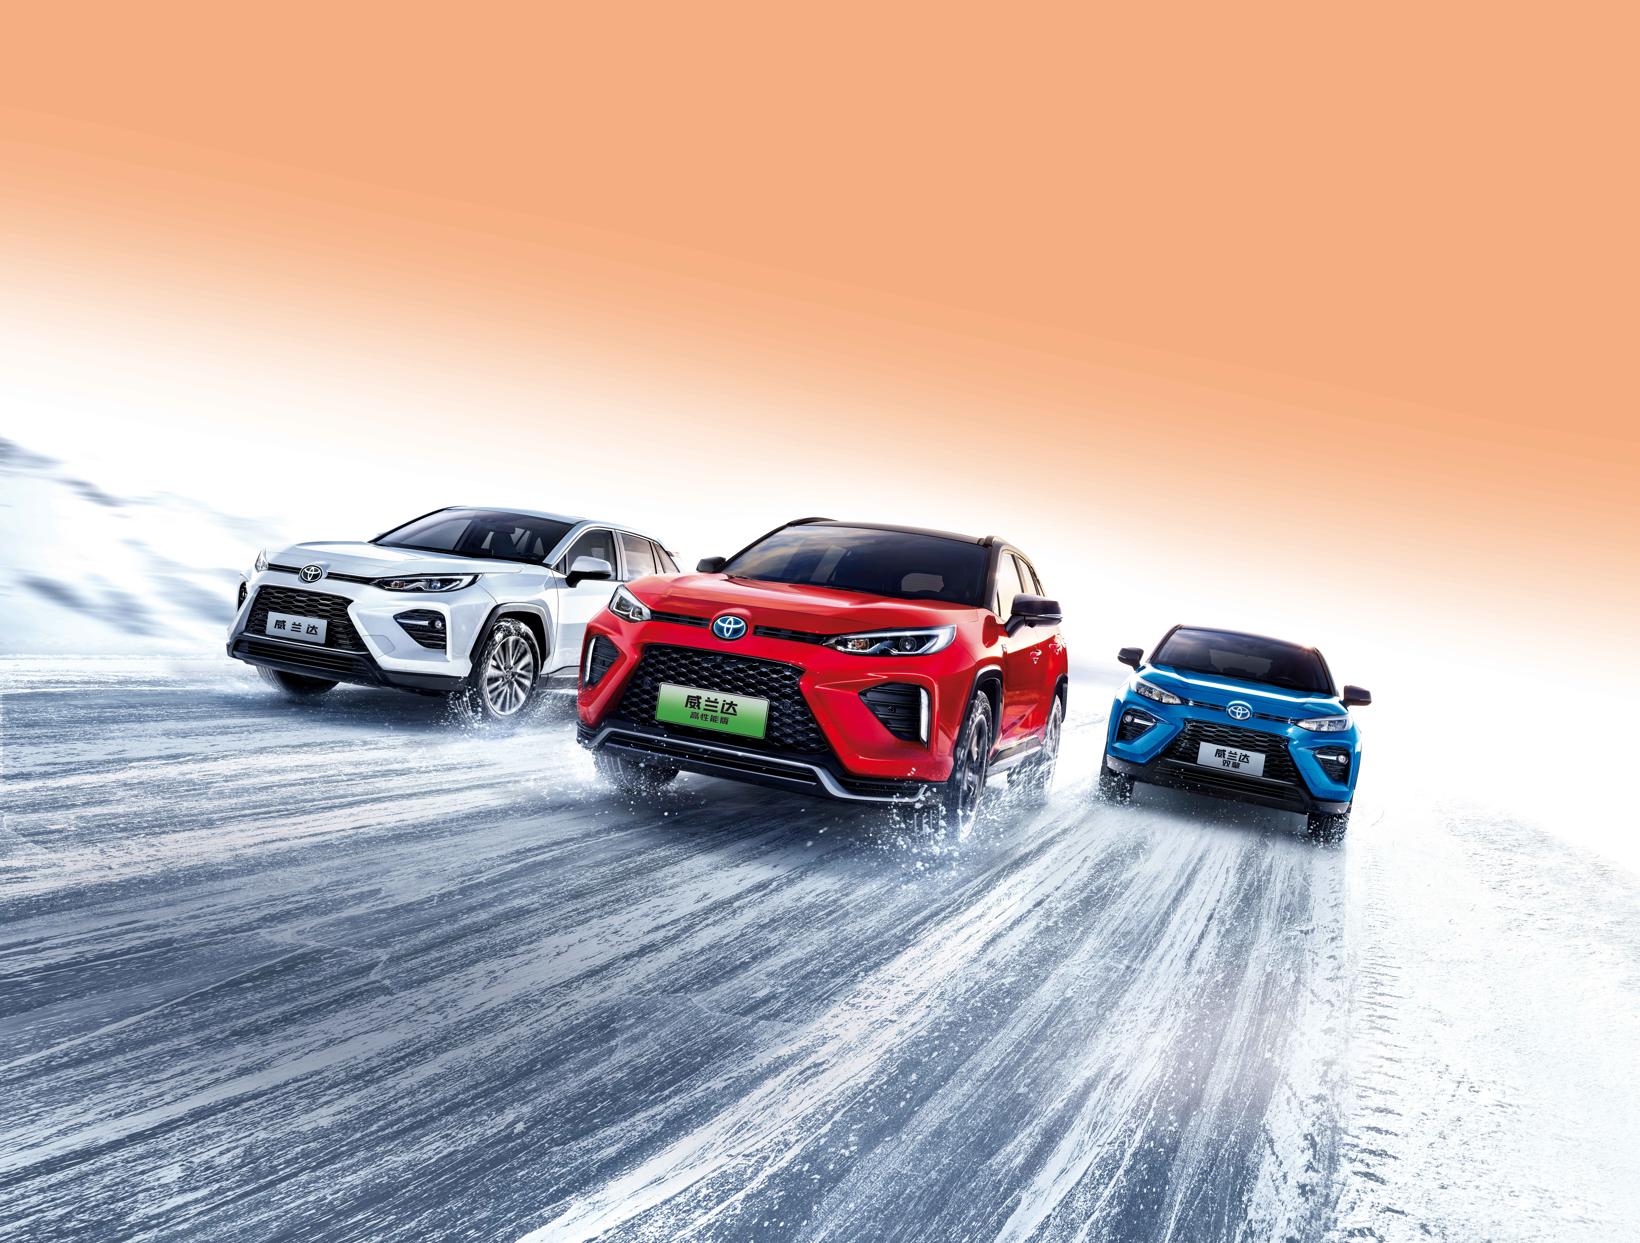 广汽丰田上半年销量425,796台,再创历史新高